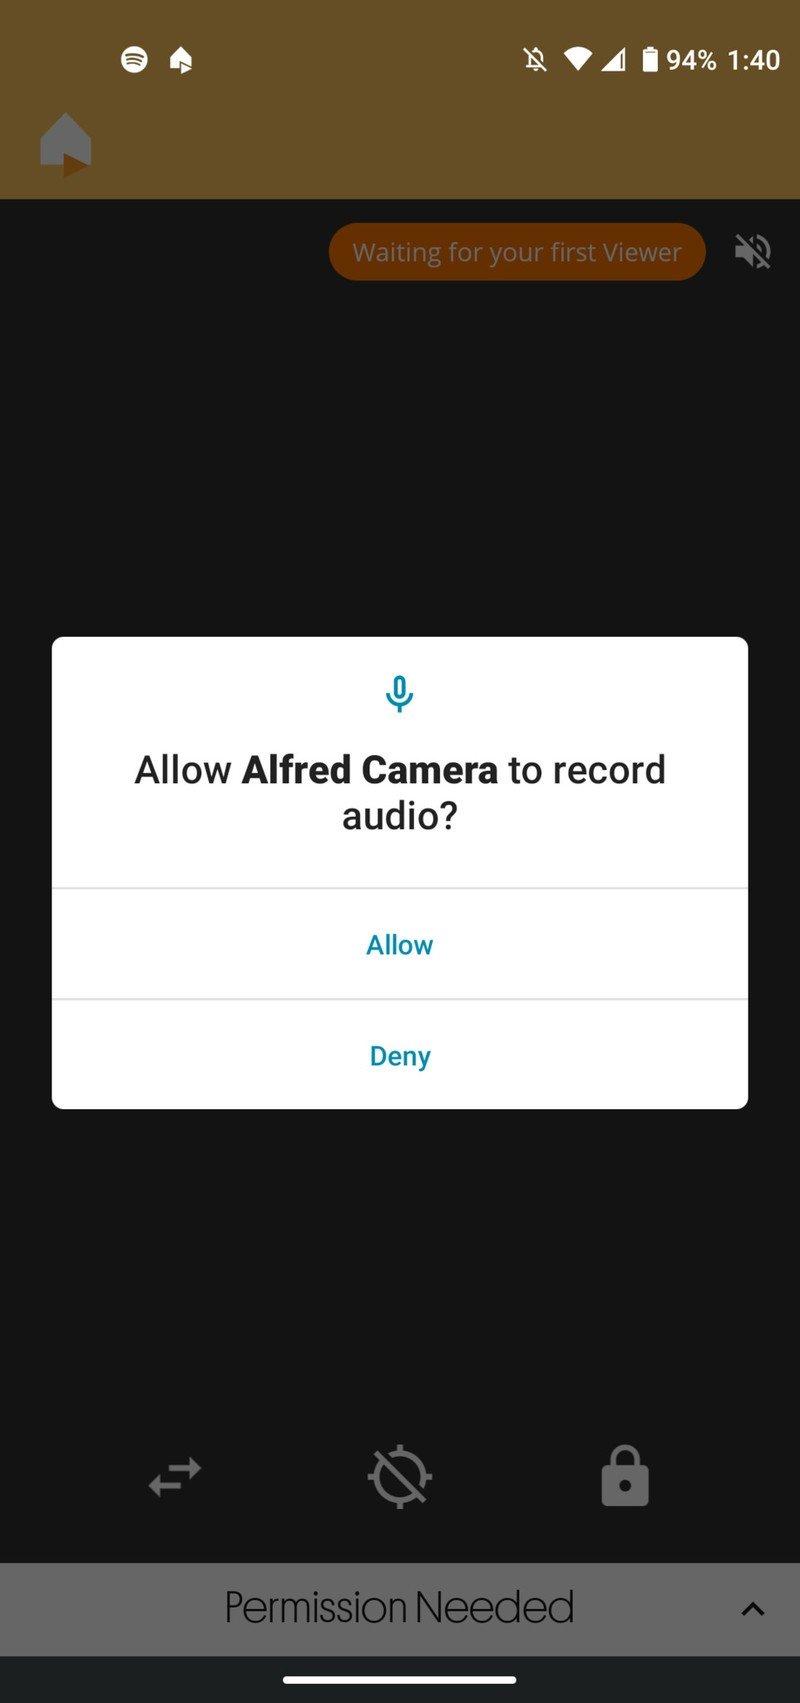 alfred-camera-7.jpg?itok=-4N4eYBS